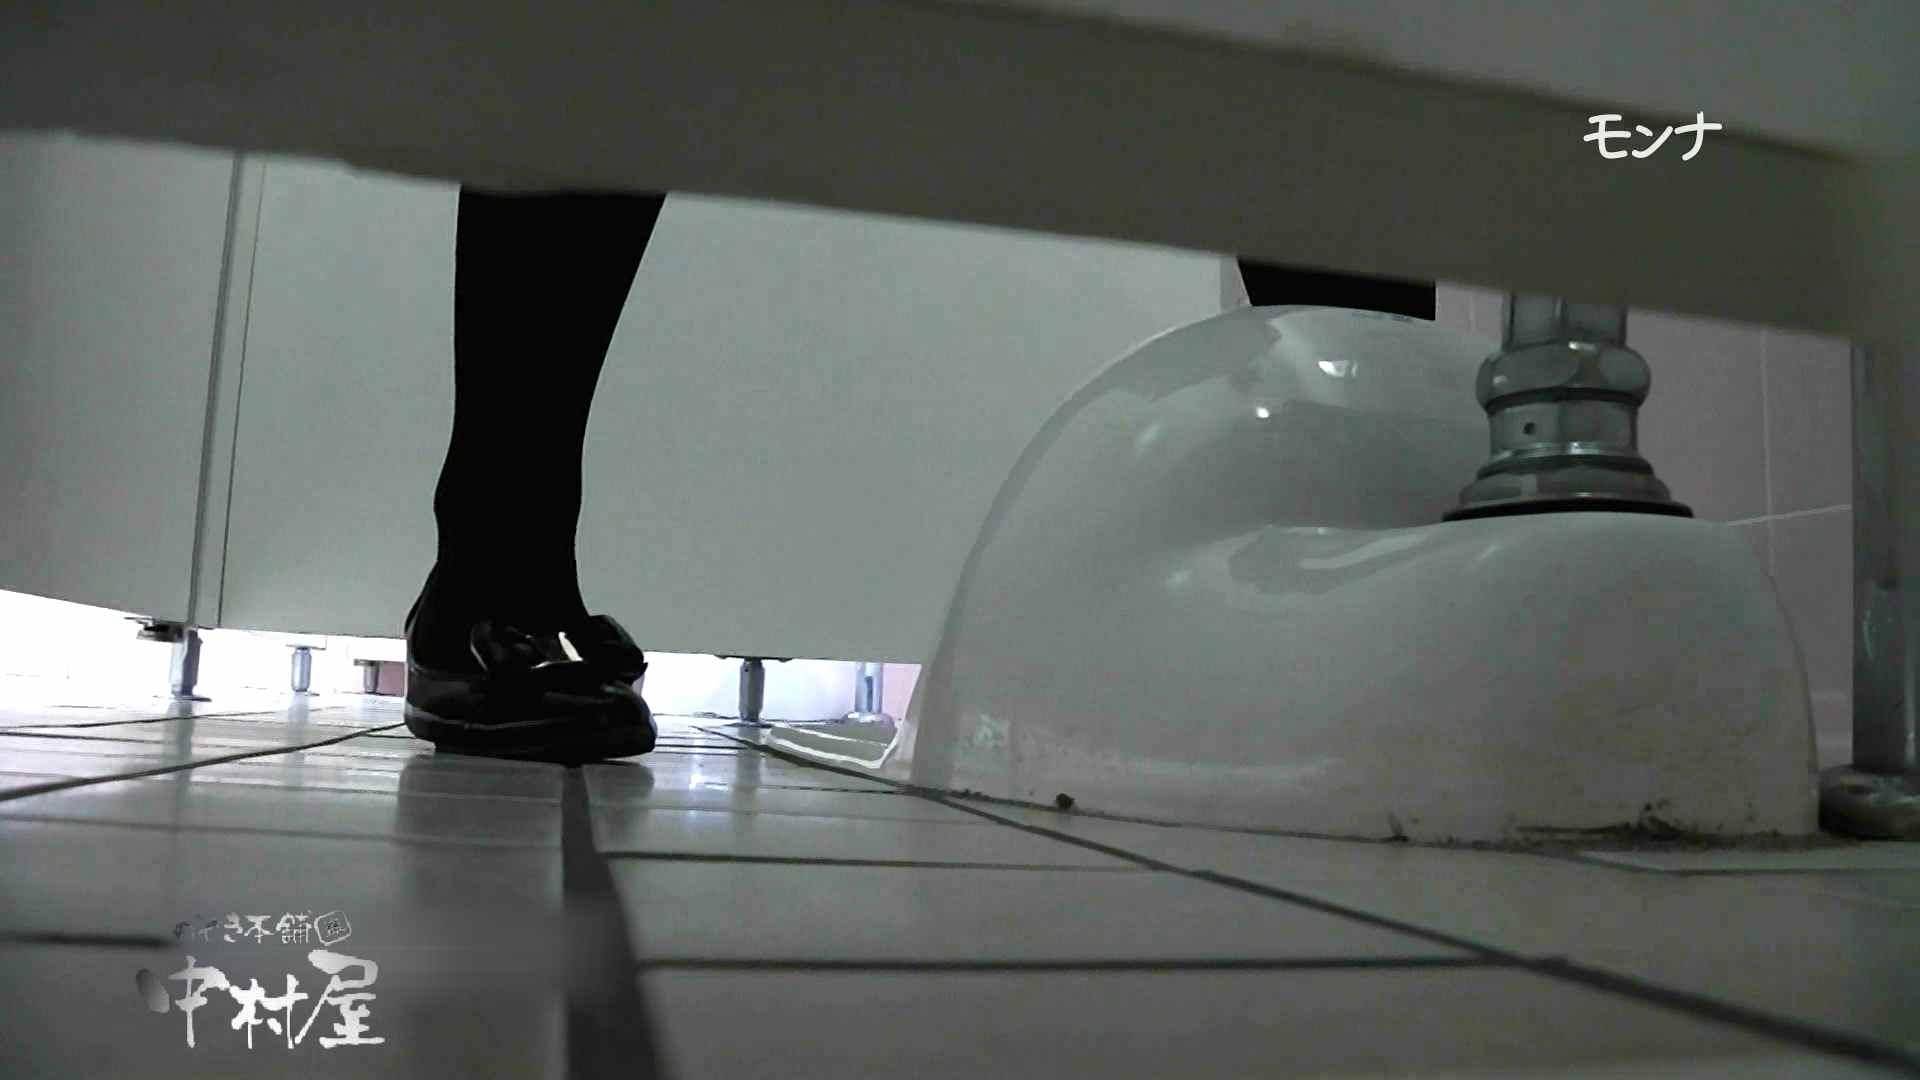 【美しい日本の未来】遂に!!戸田恵梨香似の予告モデル登場ダッシュで「大」後編 おまんこ無修正 | 覗き放題  59画像 31